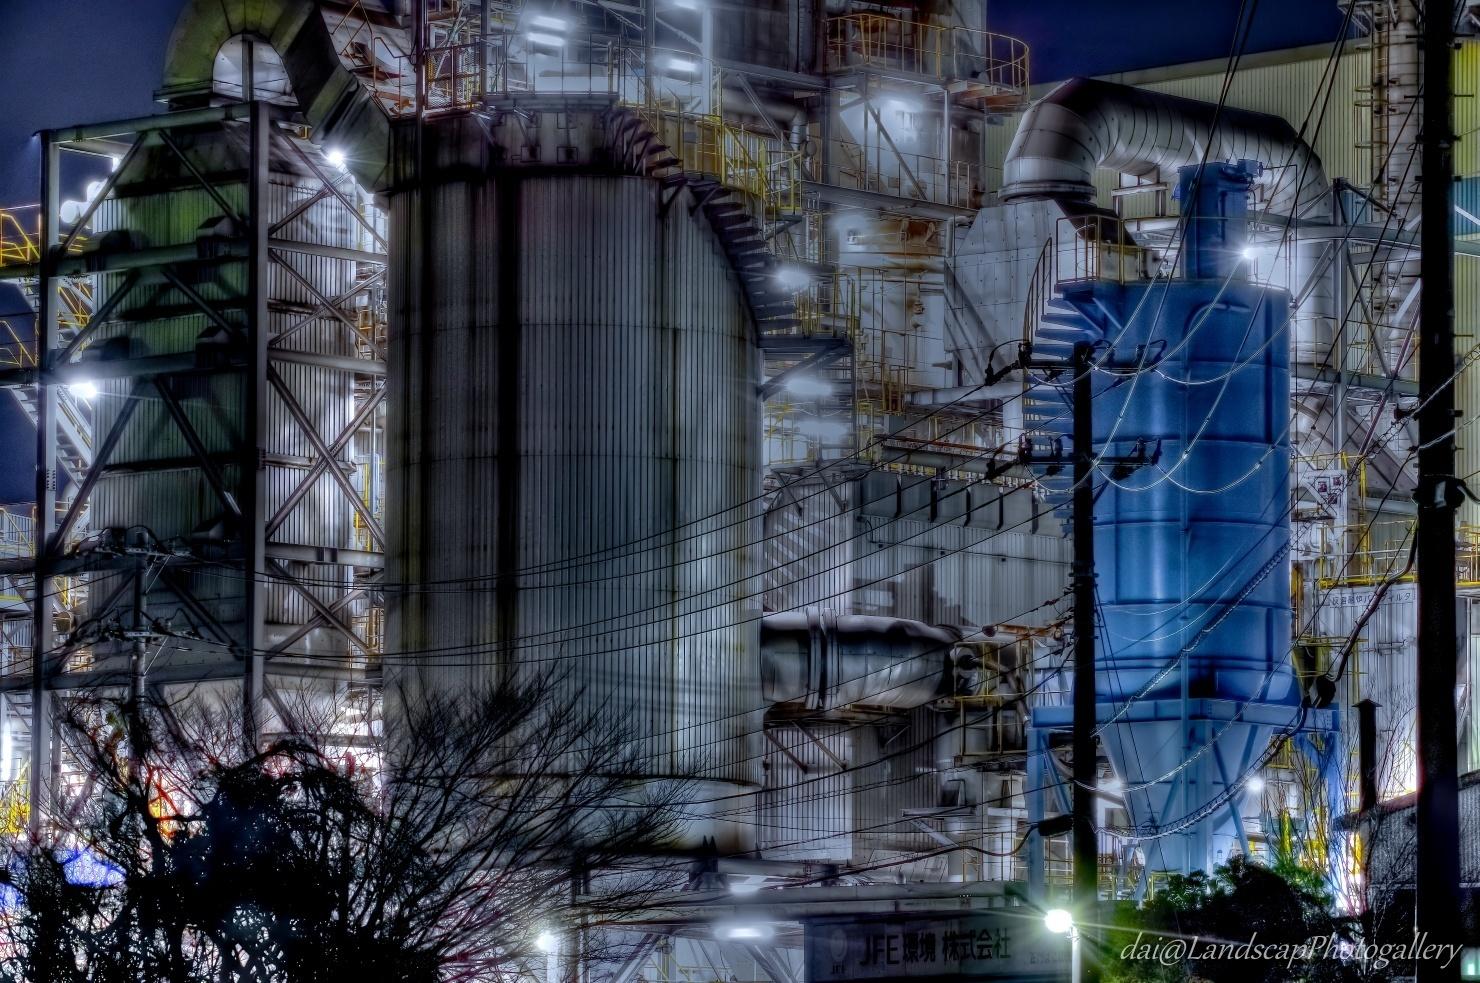 川崎扇町工場夜景【HDRi】